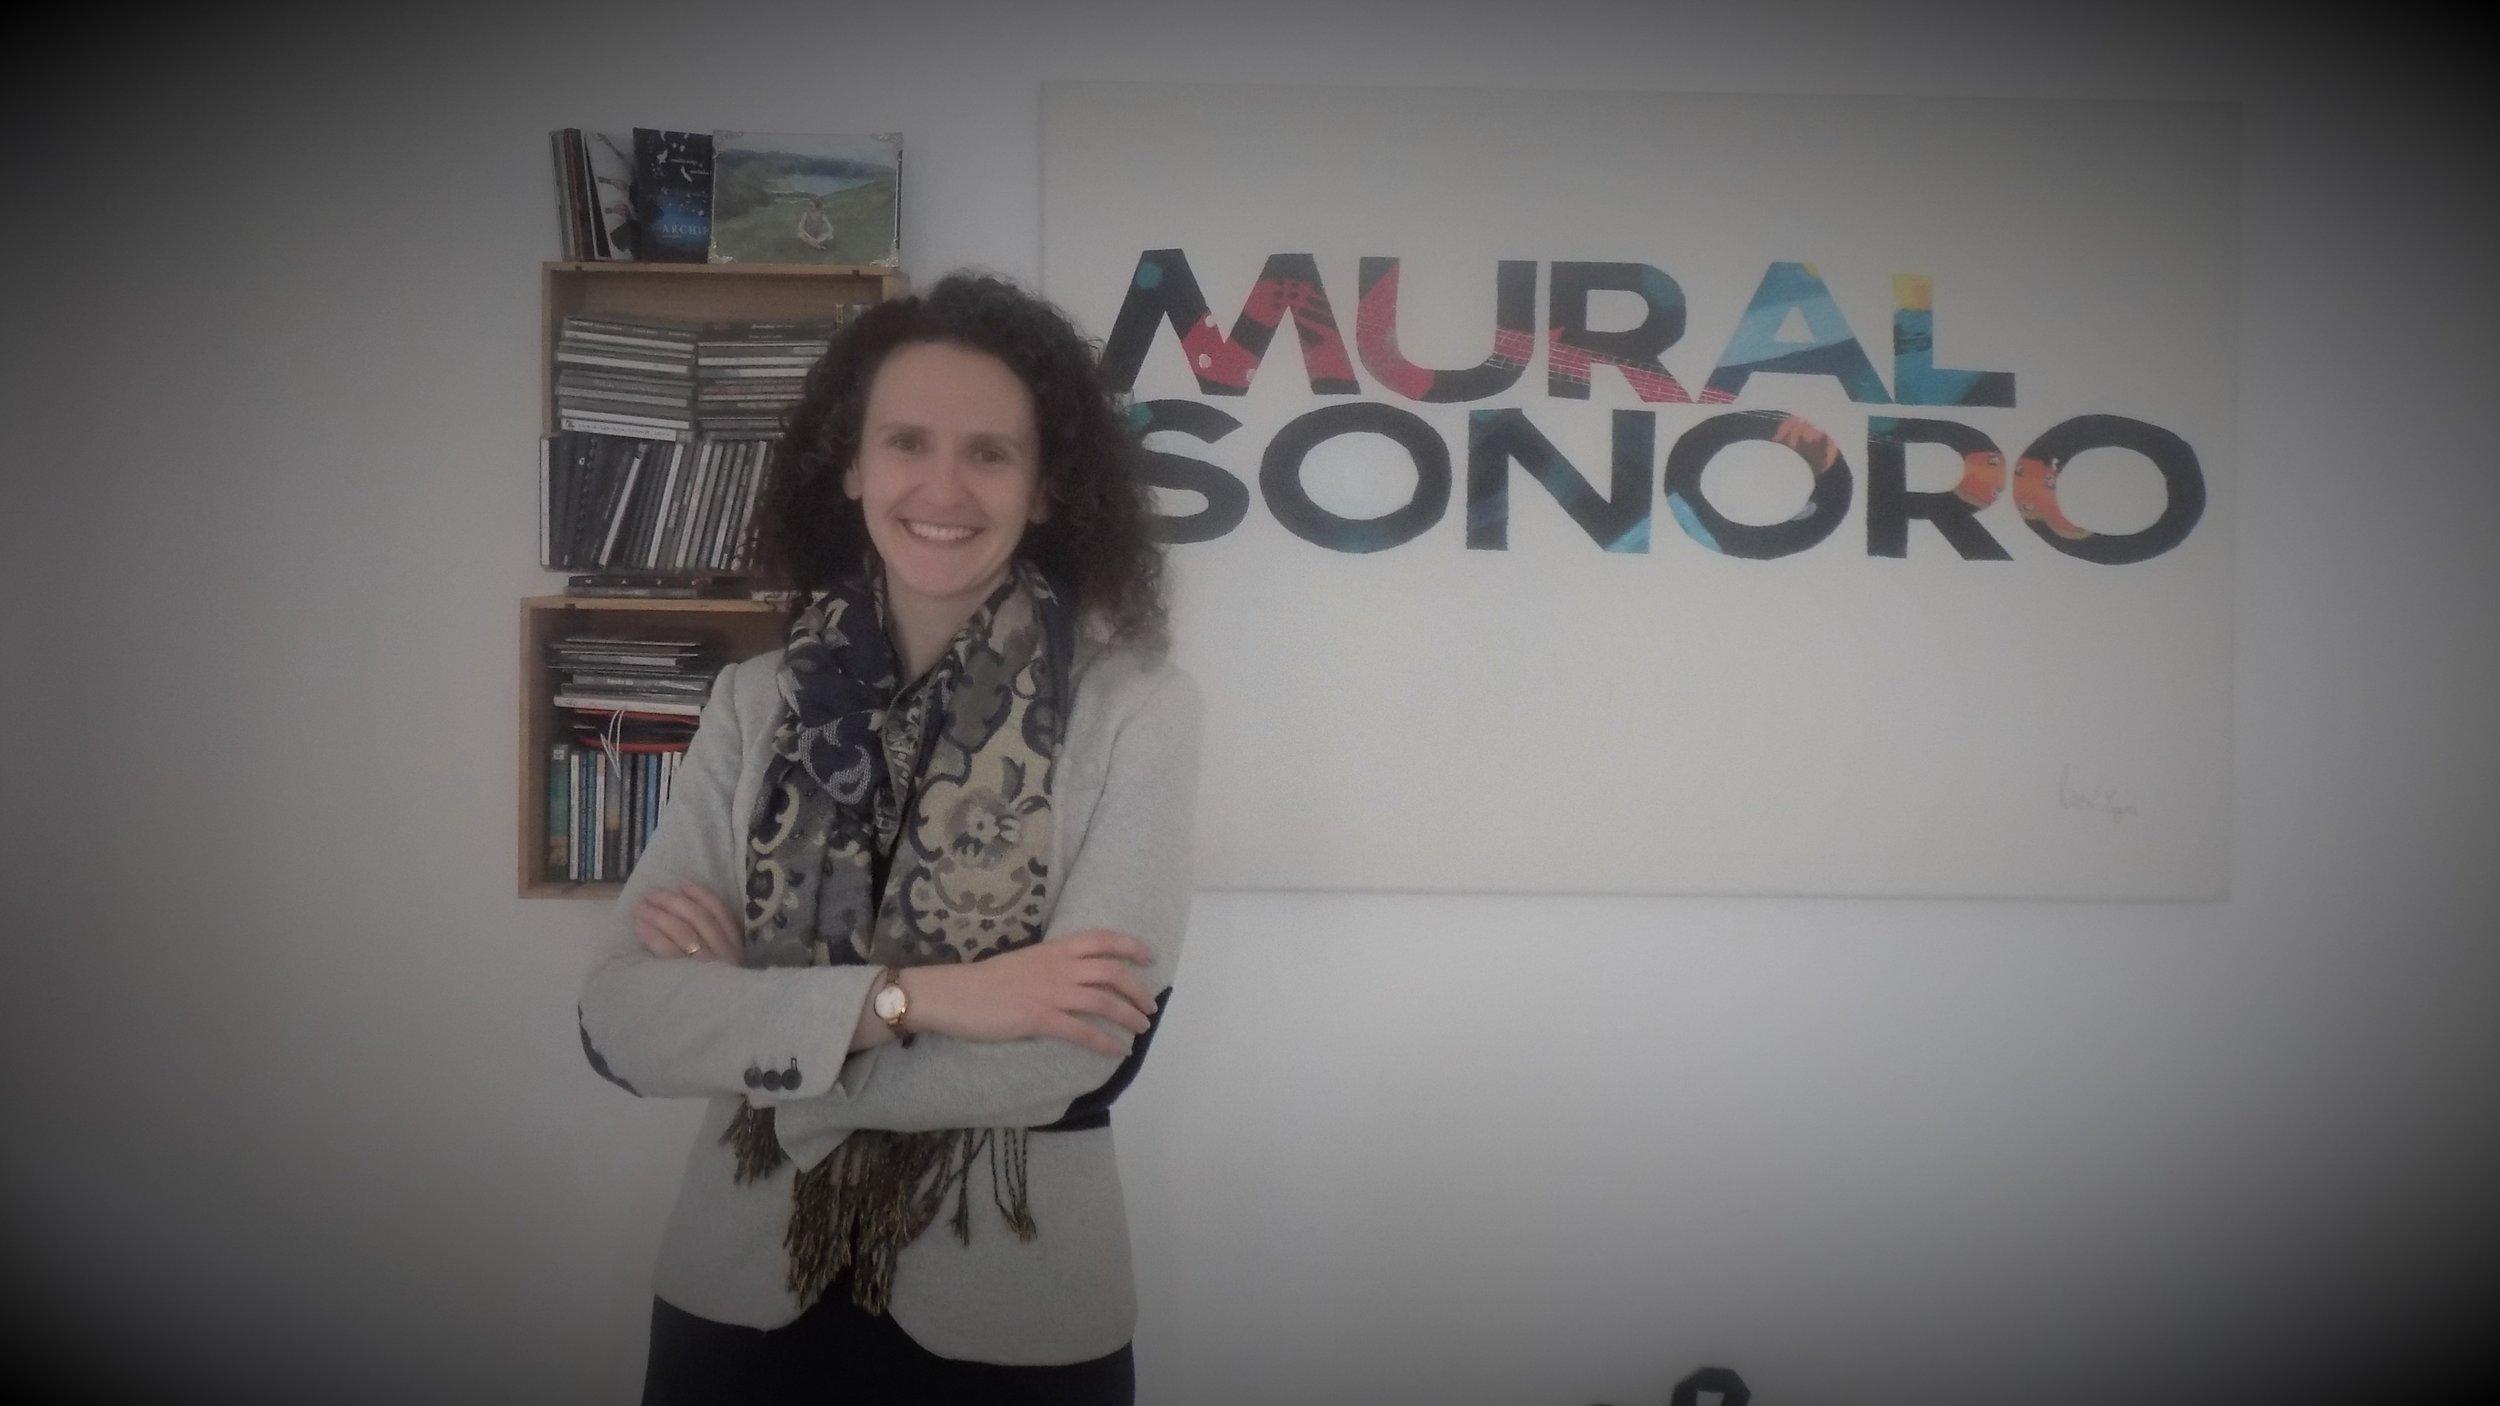 Miriam Cardoso Podcast Mural Sonoro